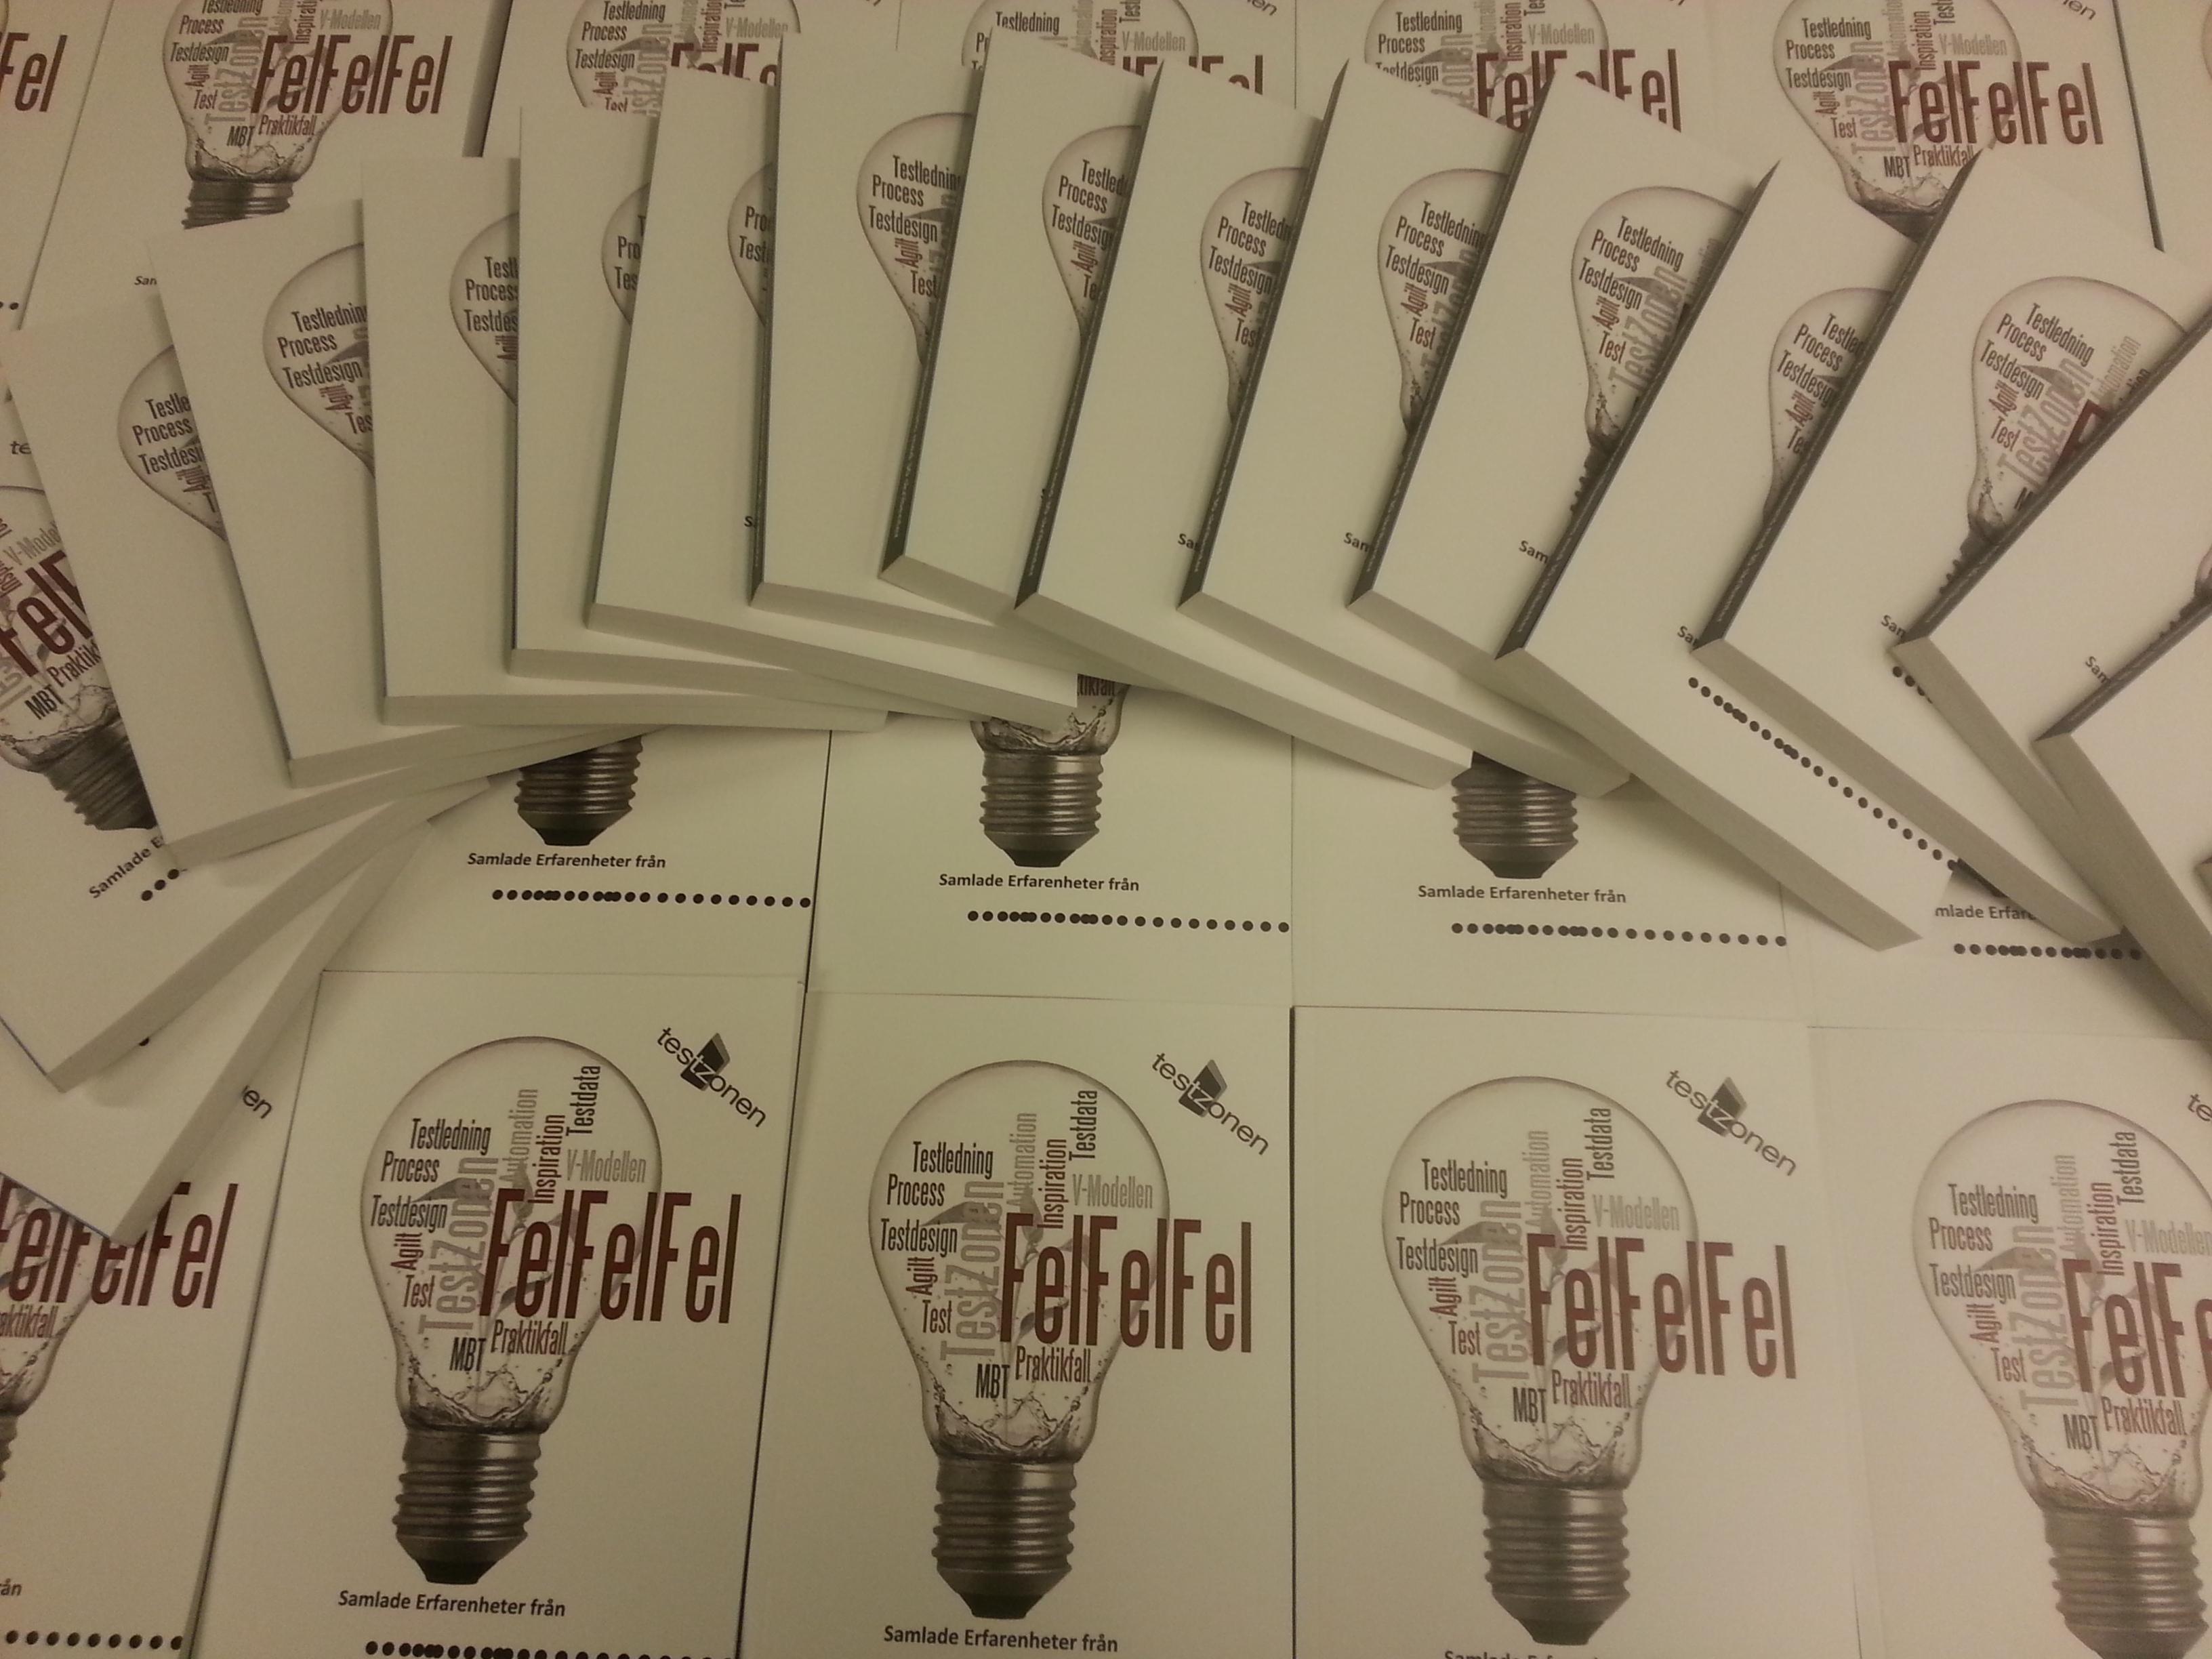 TestZonens bok - Fel Fel Fel är nu äntligen släppt.